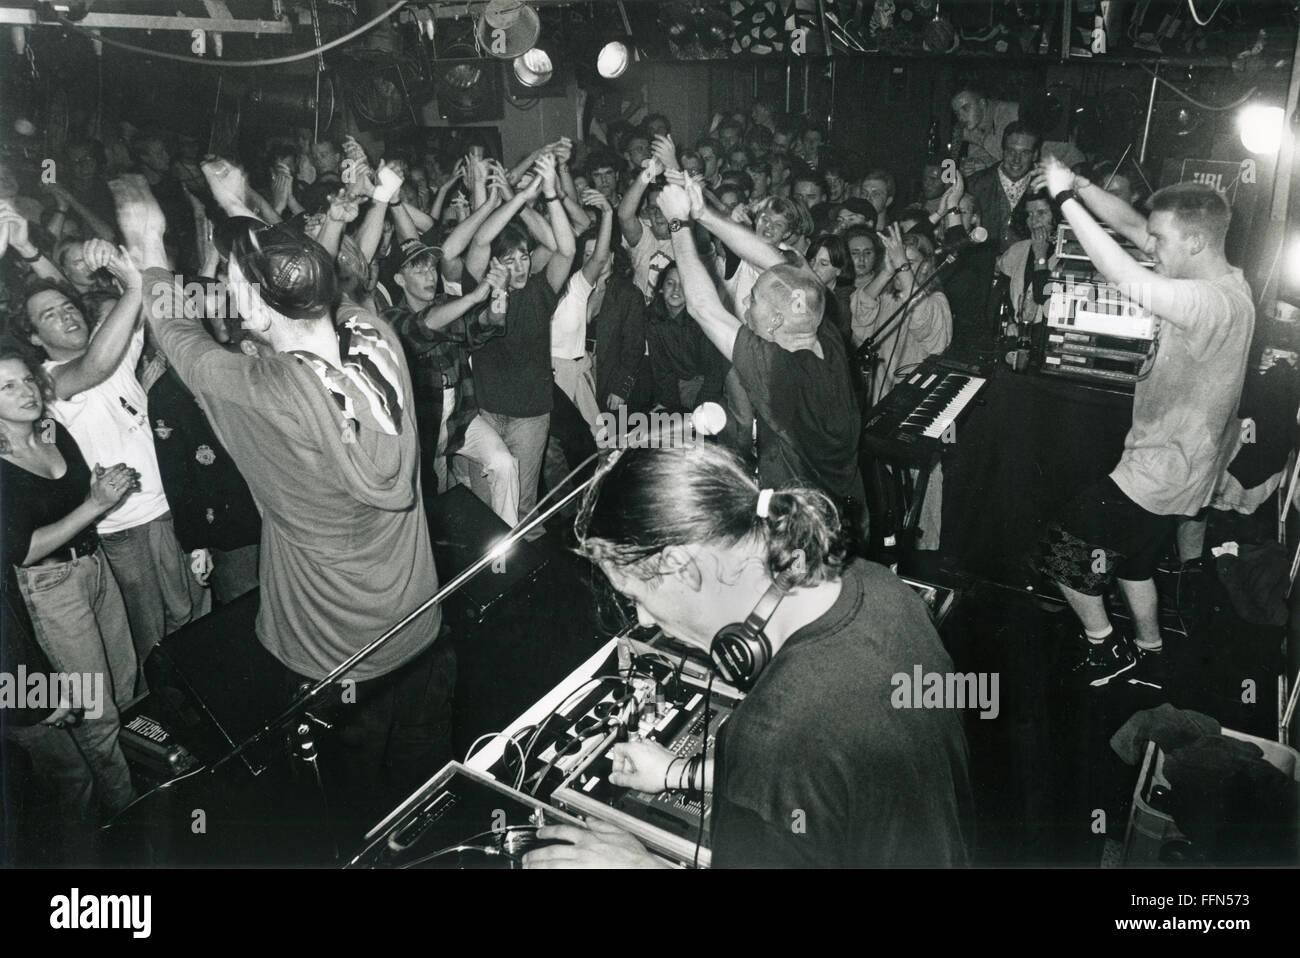 Les Quatre Fantastiques, groupe de musique allemand (rap, hip-hop ), live performance sur scène dans une discothèque Photo Stock